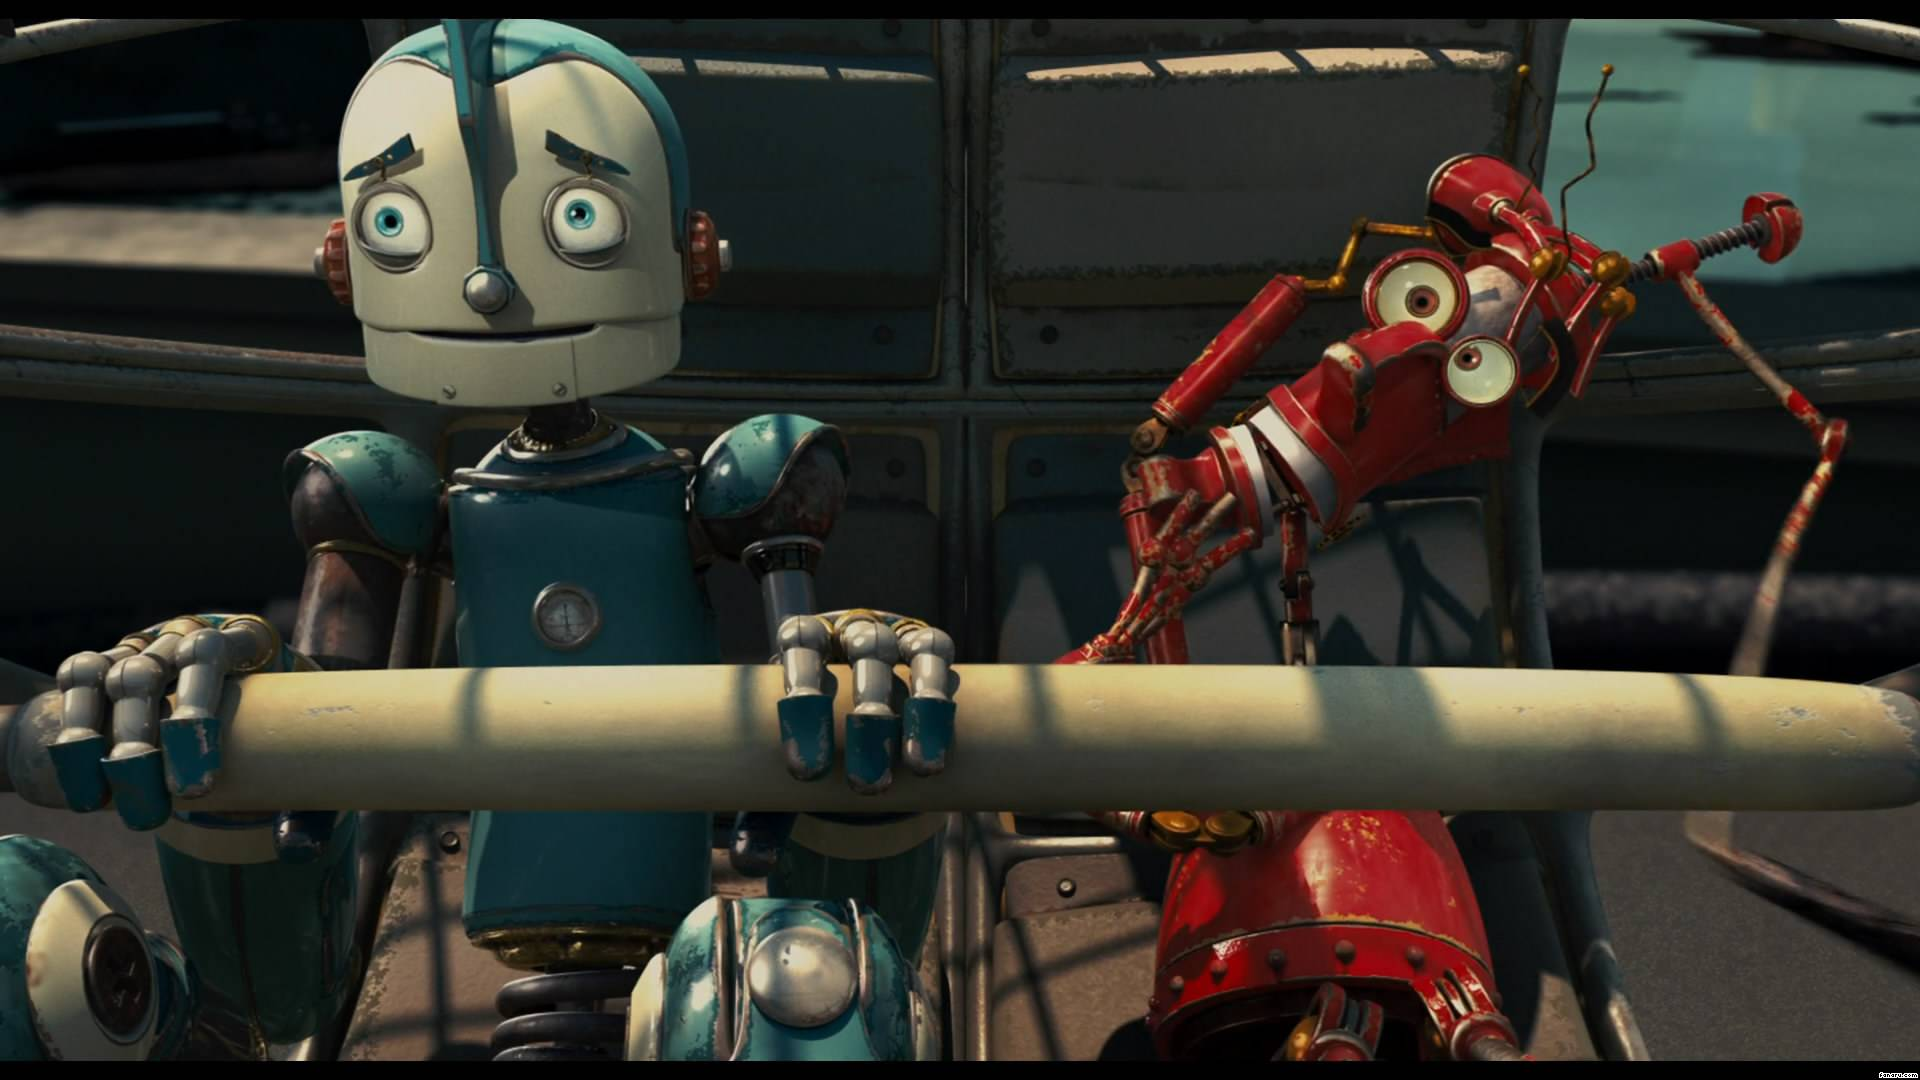 Foto De Robots Foto 21 Sobre 63 Sensacine Com